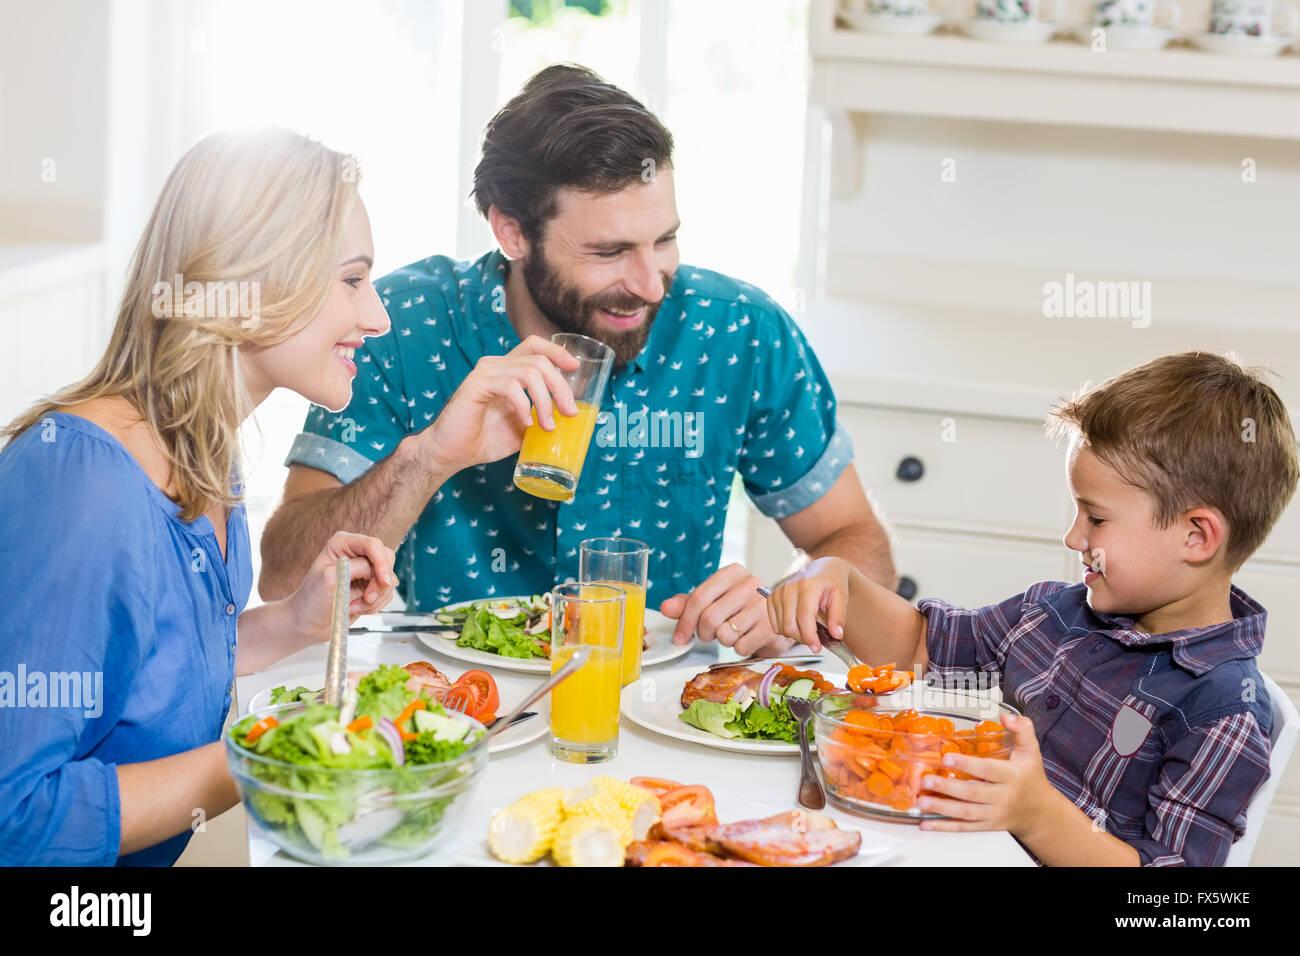 Famiglia avente pasto in cucina Immagini Stock